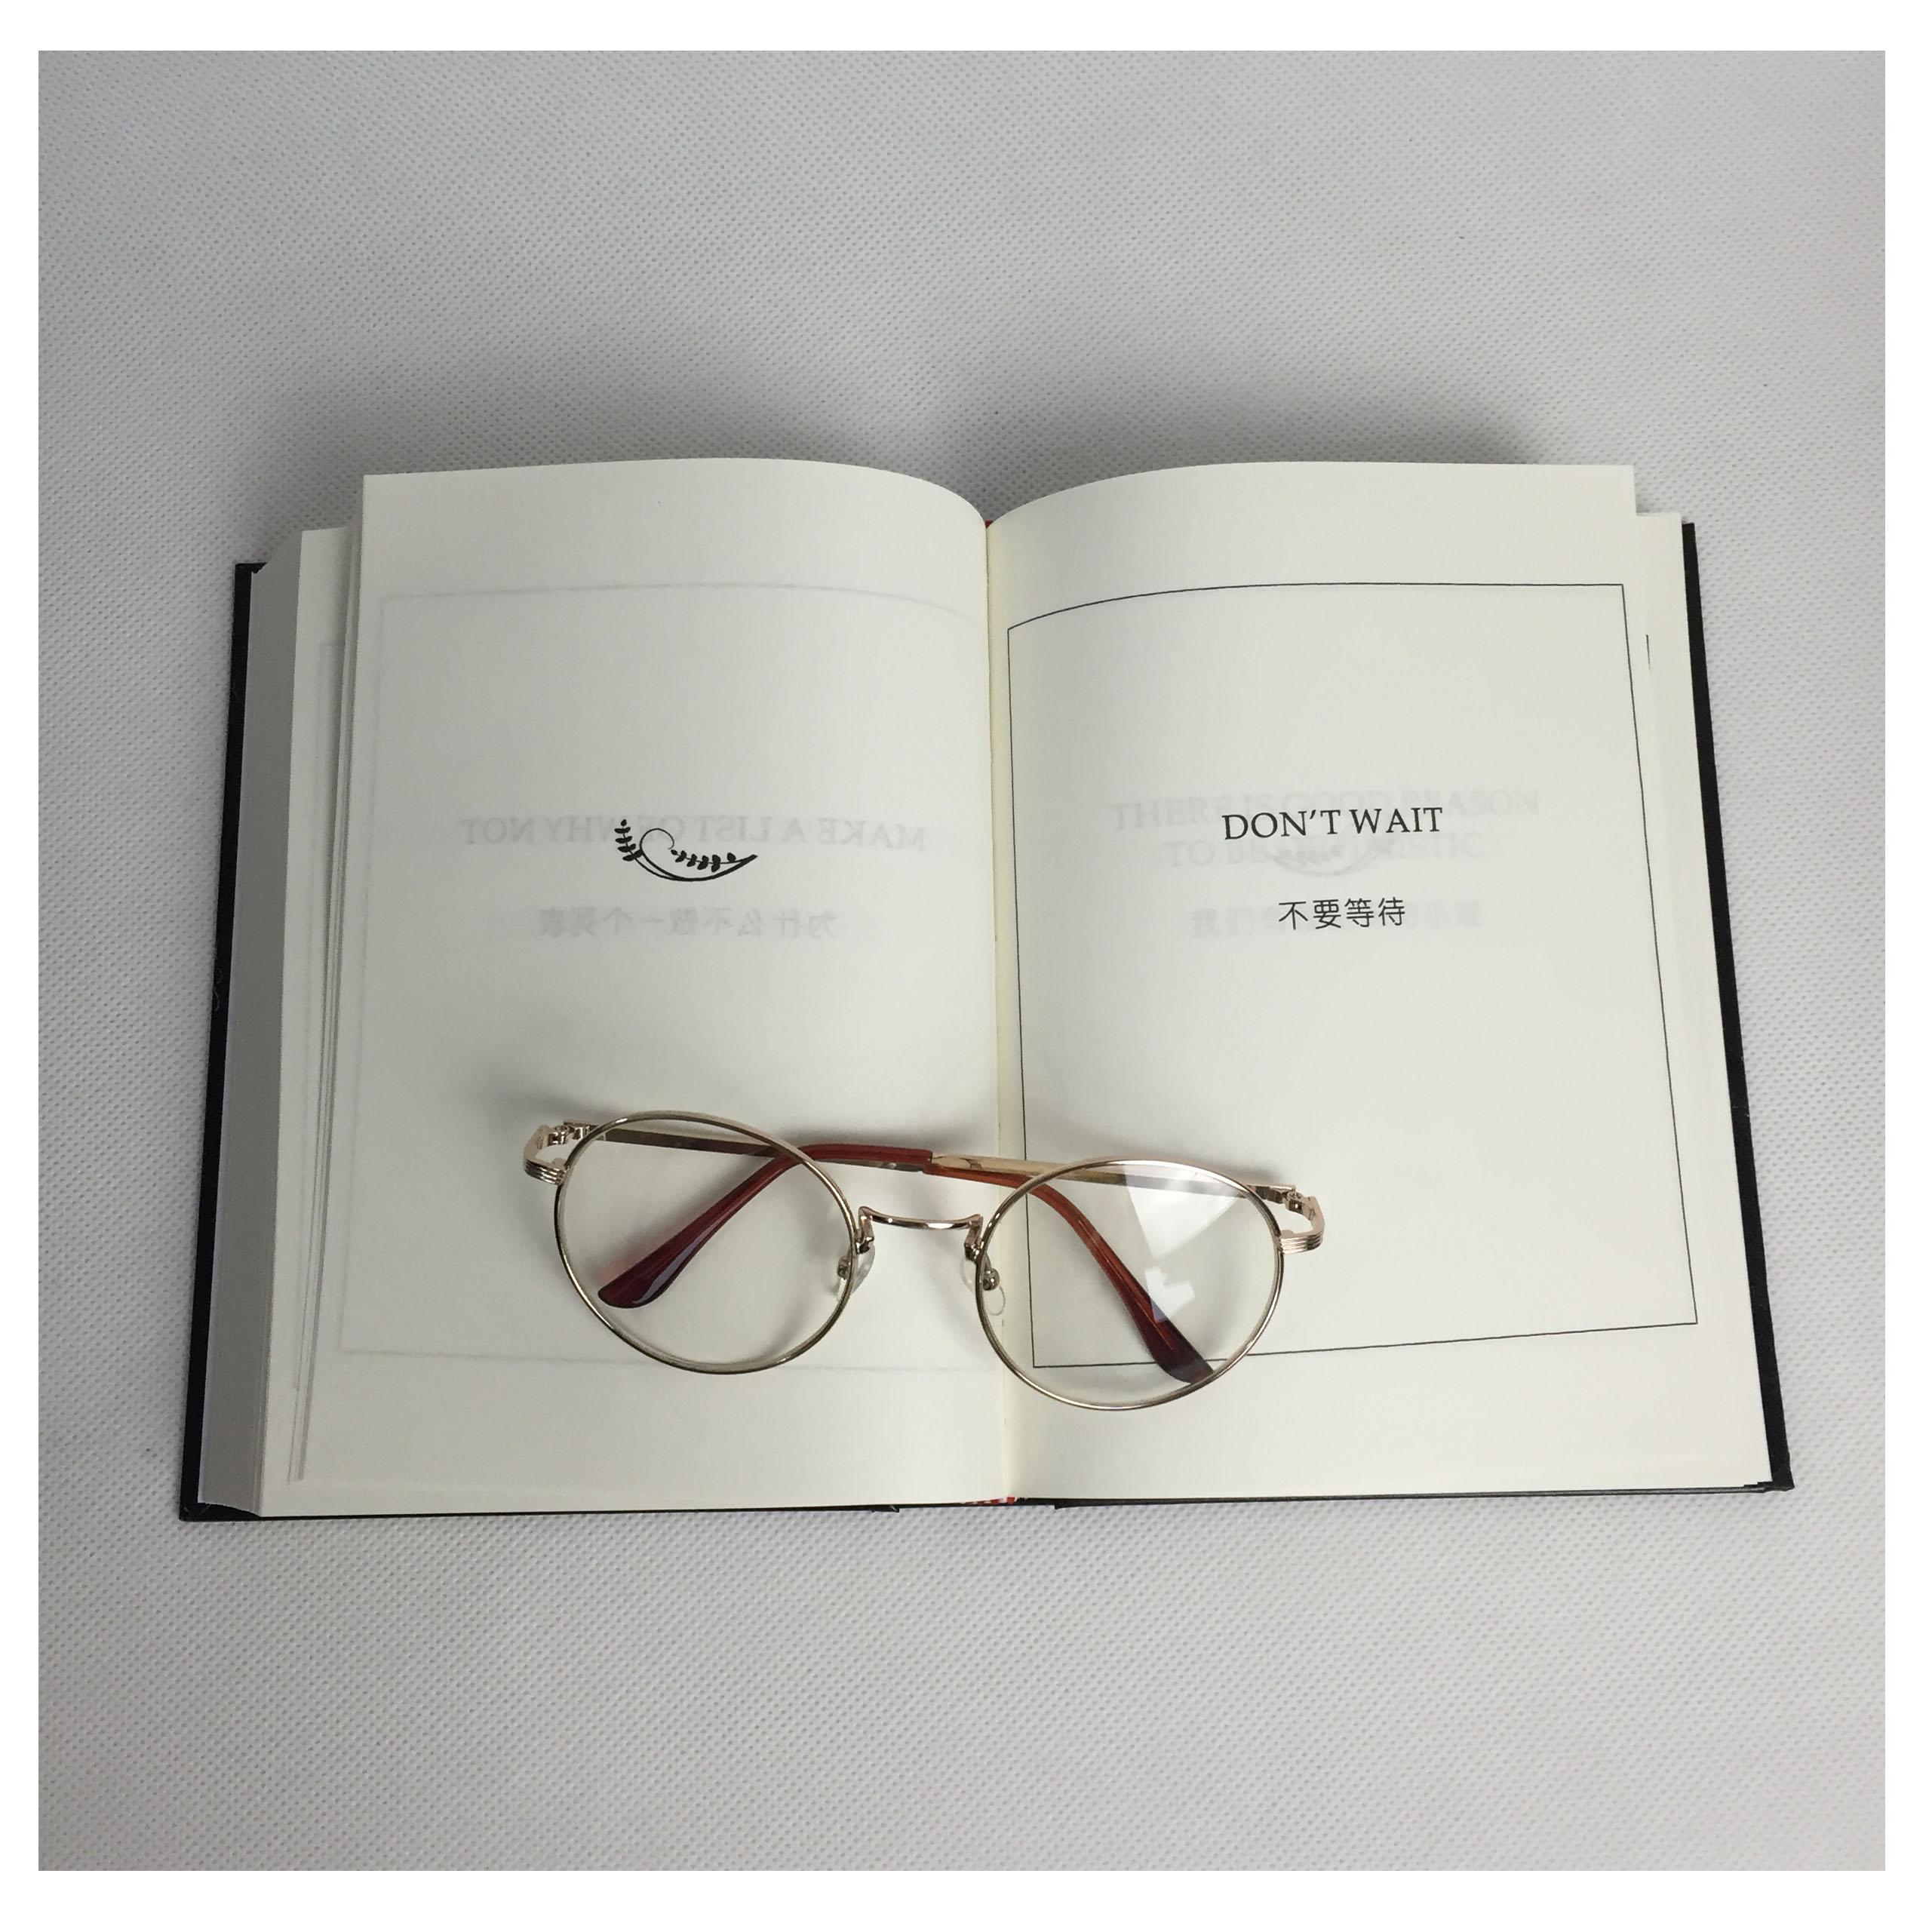 Другие 正版*我的人生解答书*英文版答案之书 中文翻译占卜书精装版